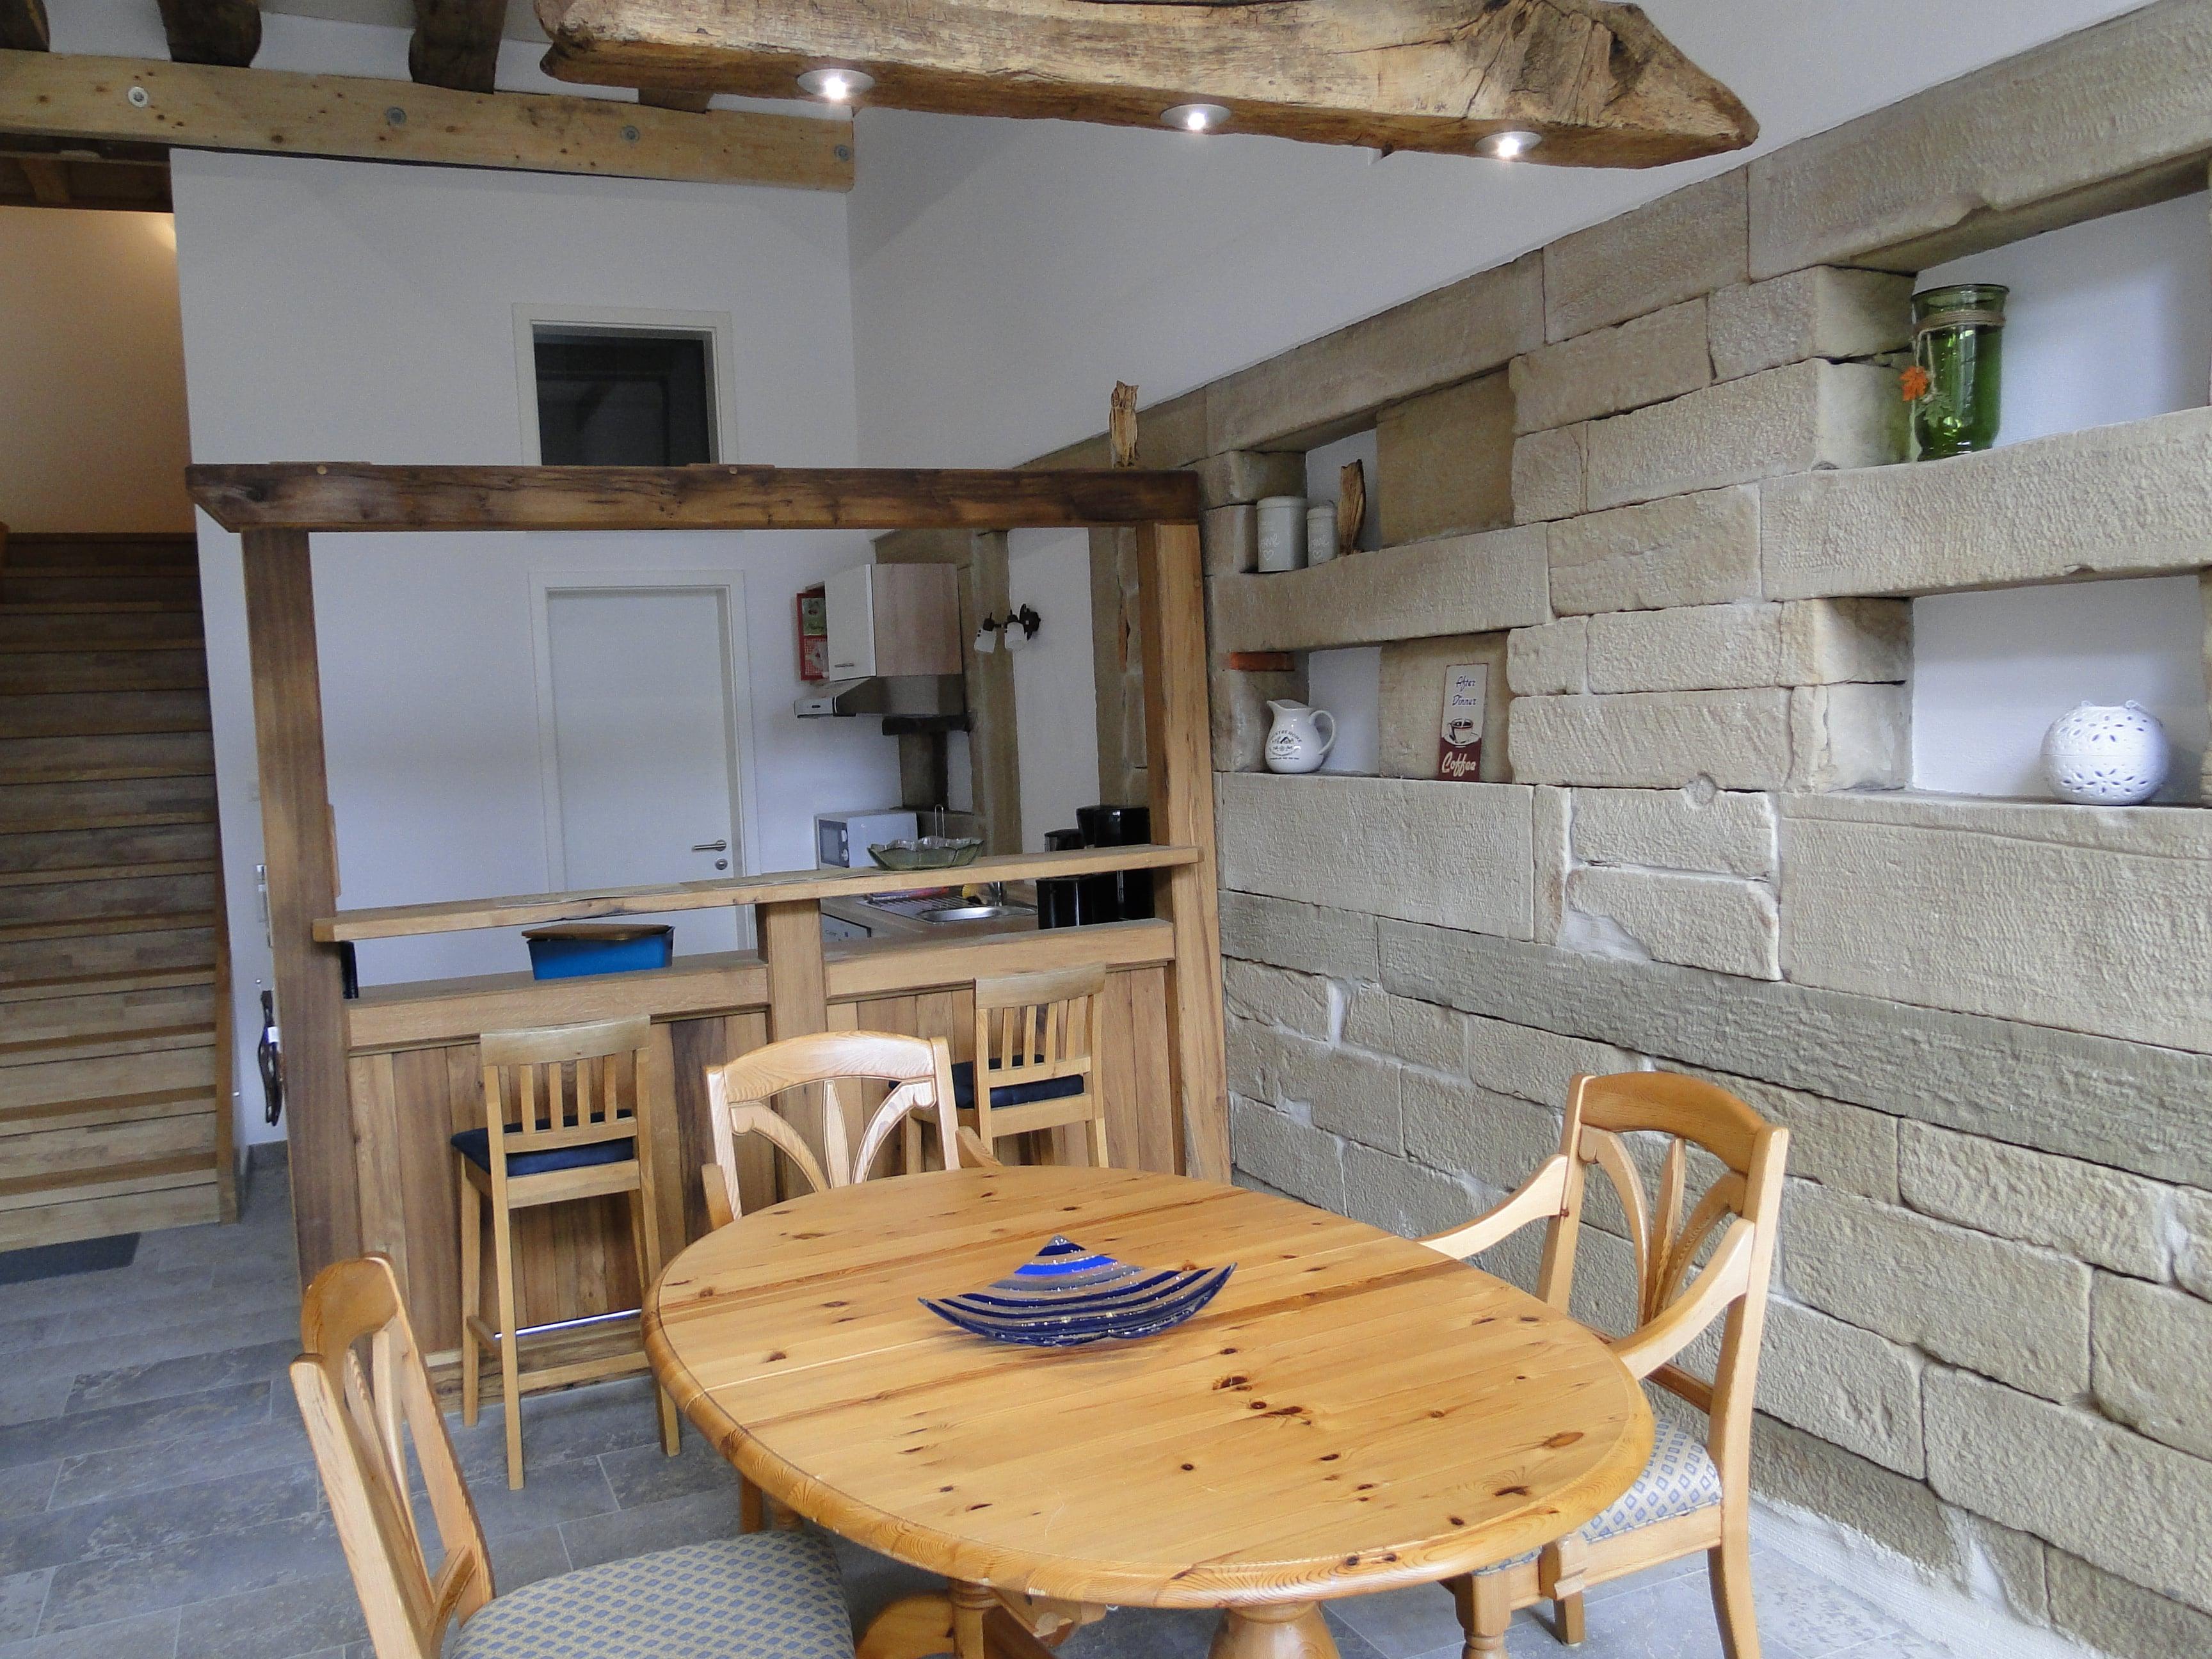 Lichtdurchflutetes Esszimmer mit Tisch und Küchenbar im Hintergrund